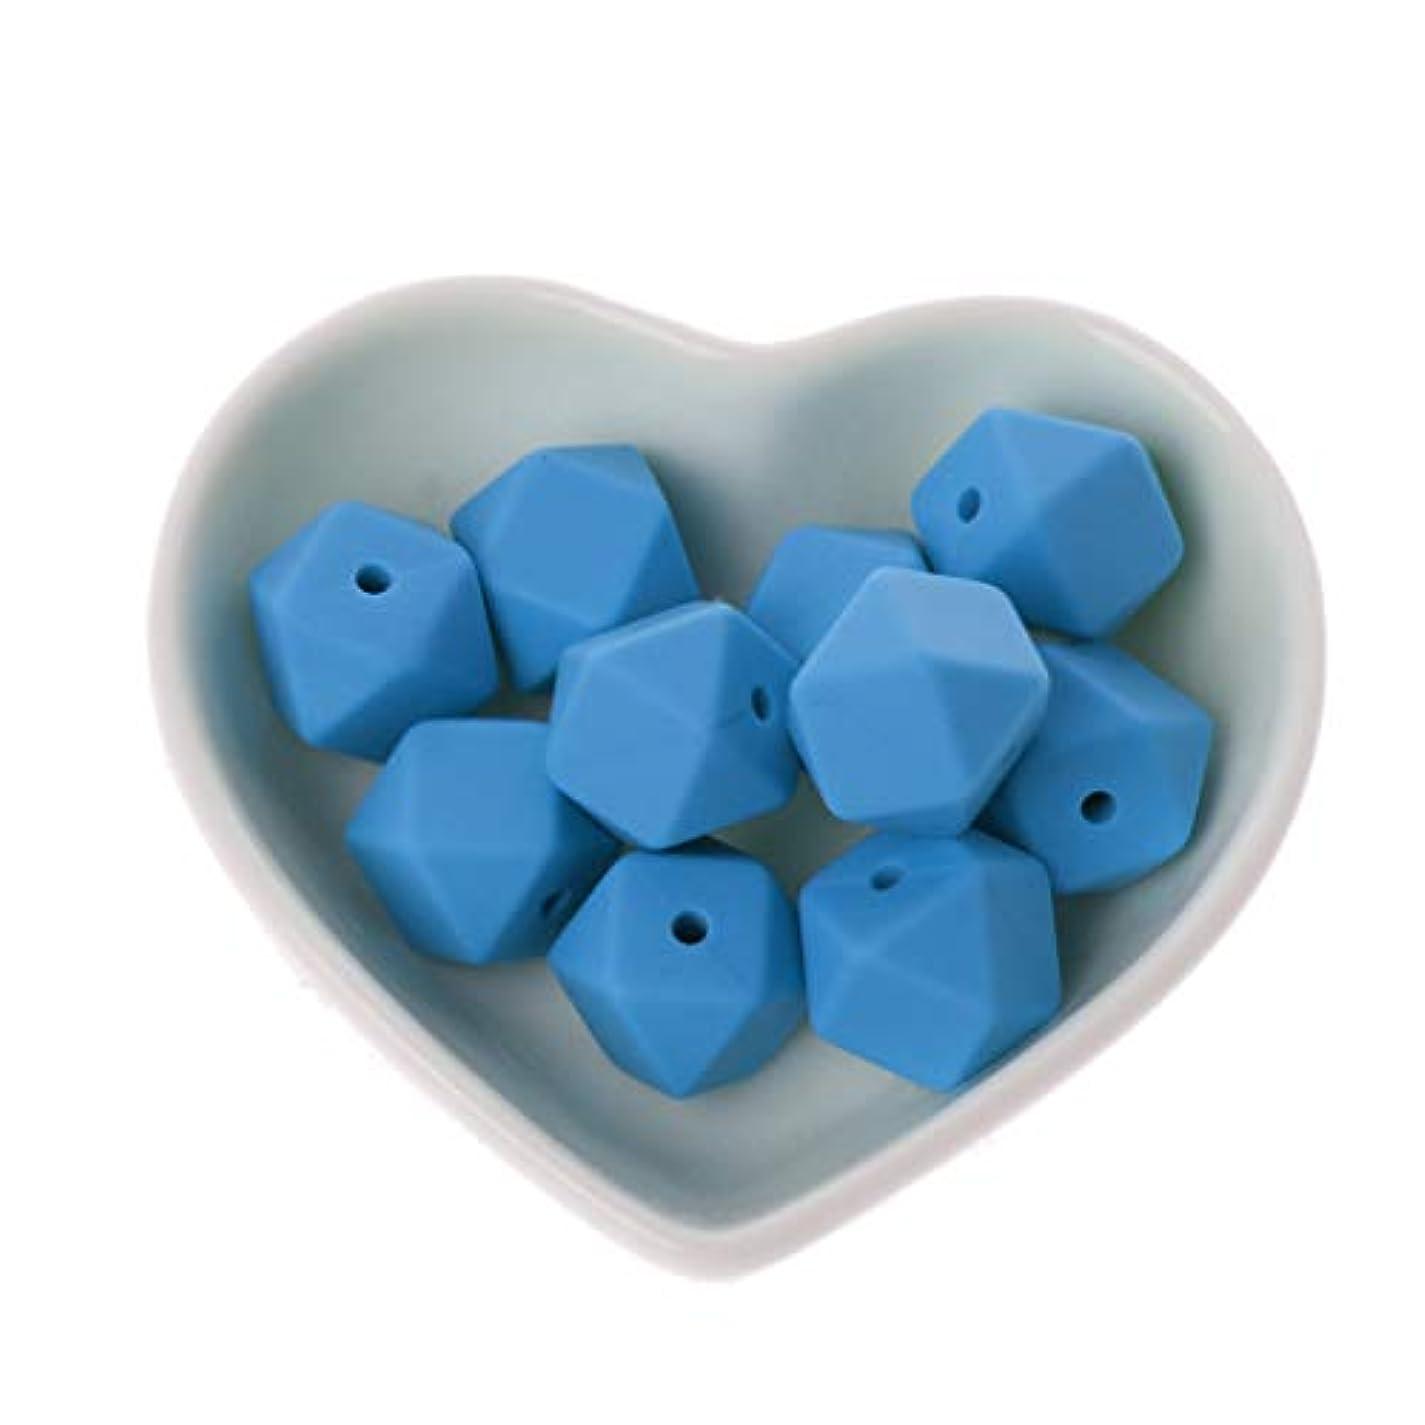 露骨な鎖変更可能Landdum 10個シリコーンビーズ14ミリメートル多角形シリコーンビーズ赤ちゃんのおもちゃdiyおしゃぶりチェーンアクセサリー - ベイビーブルー